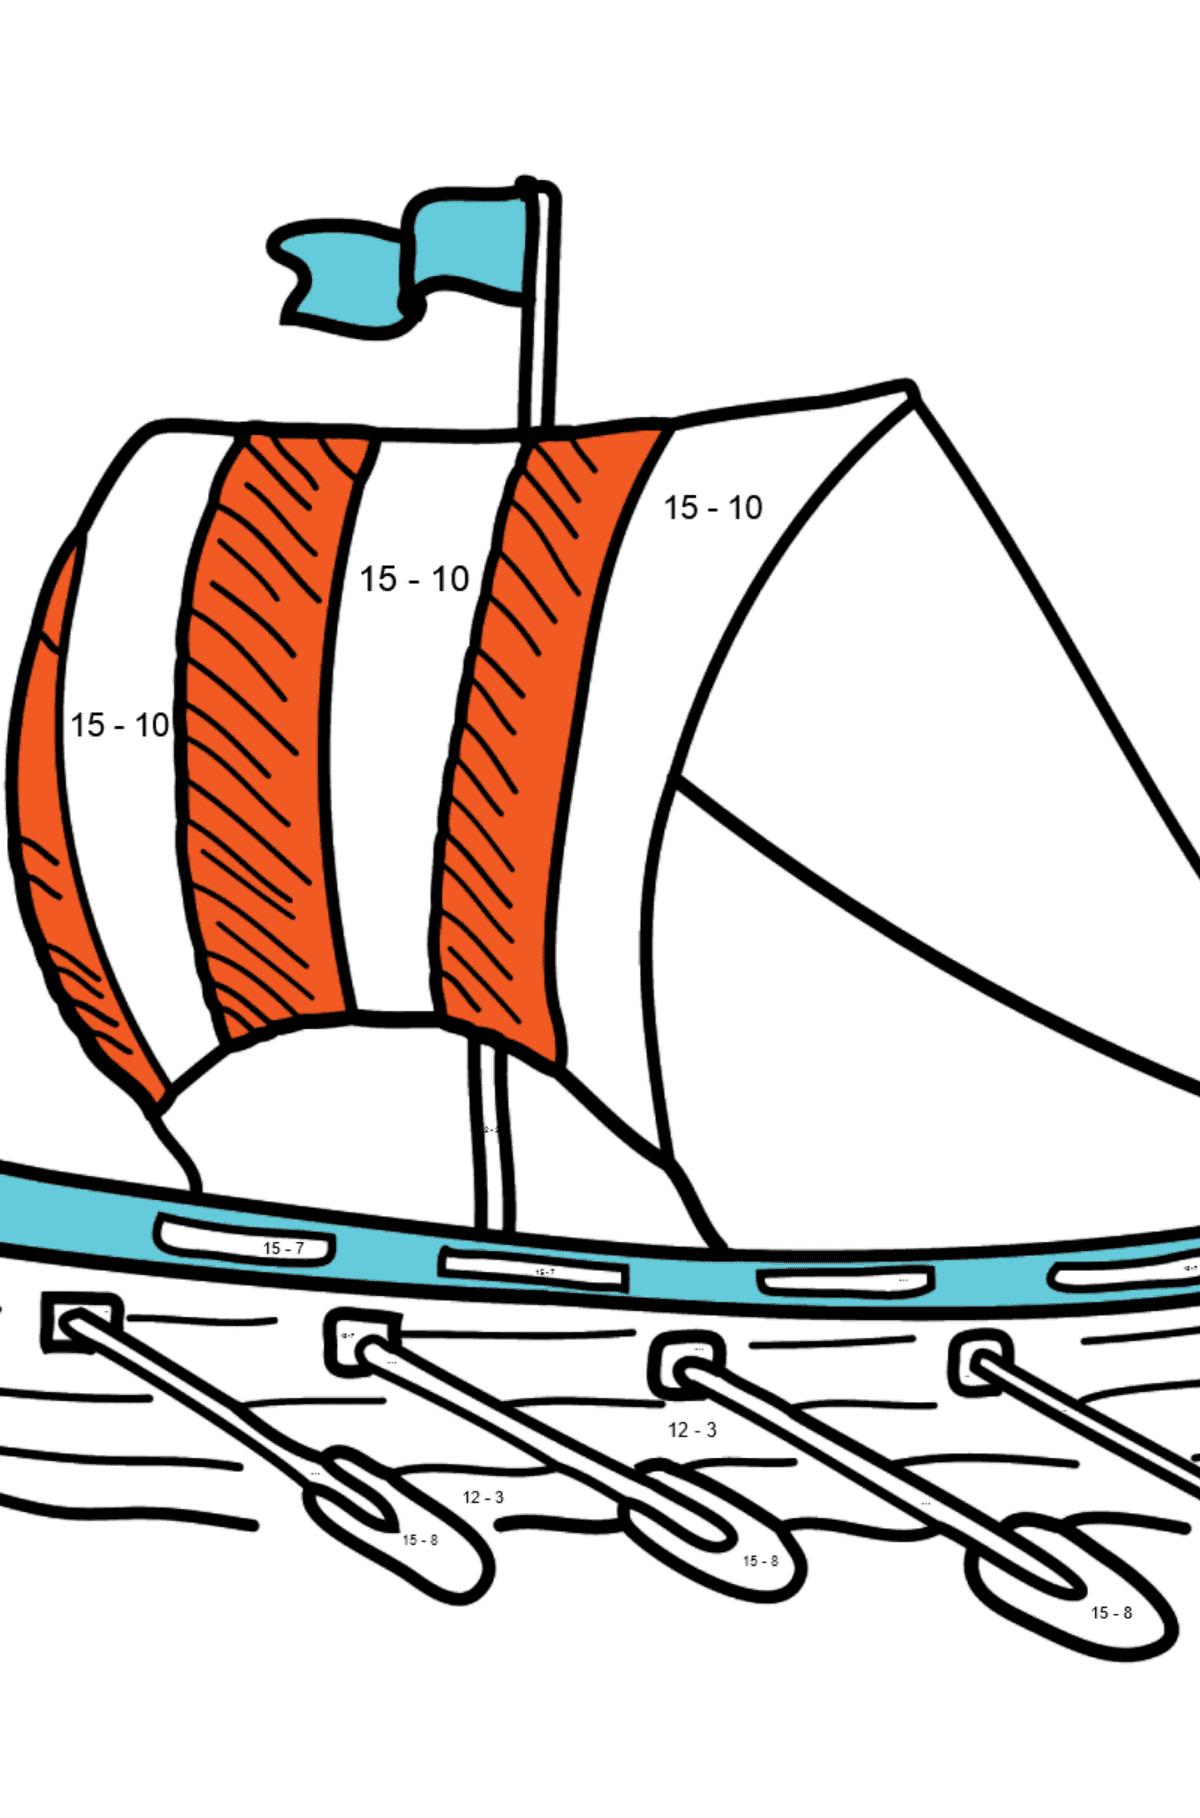 Раскраска ладья речная - Математическая Раскраска - Вычитание для Детей